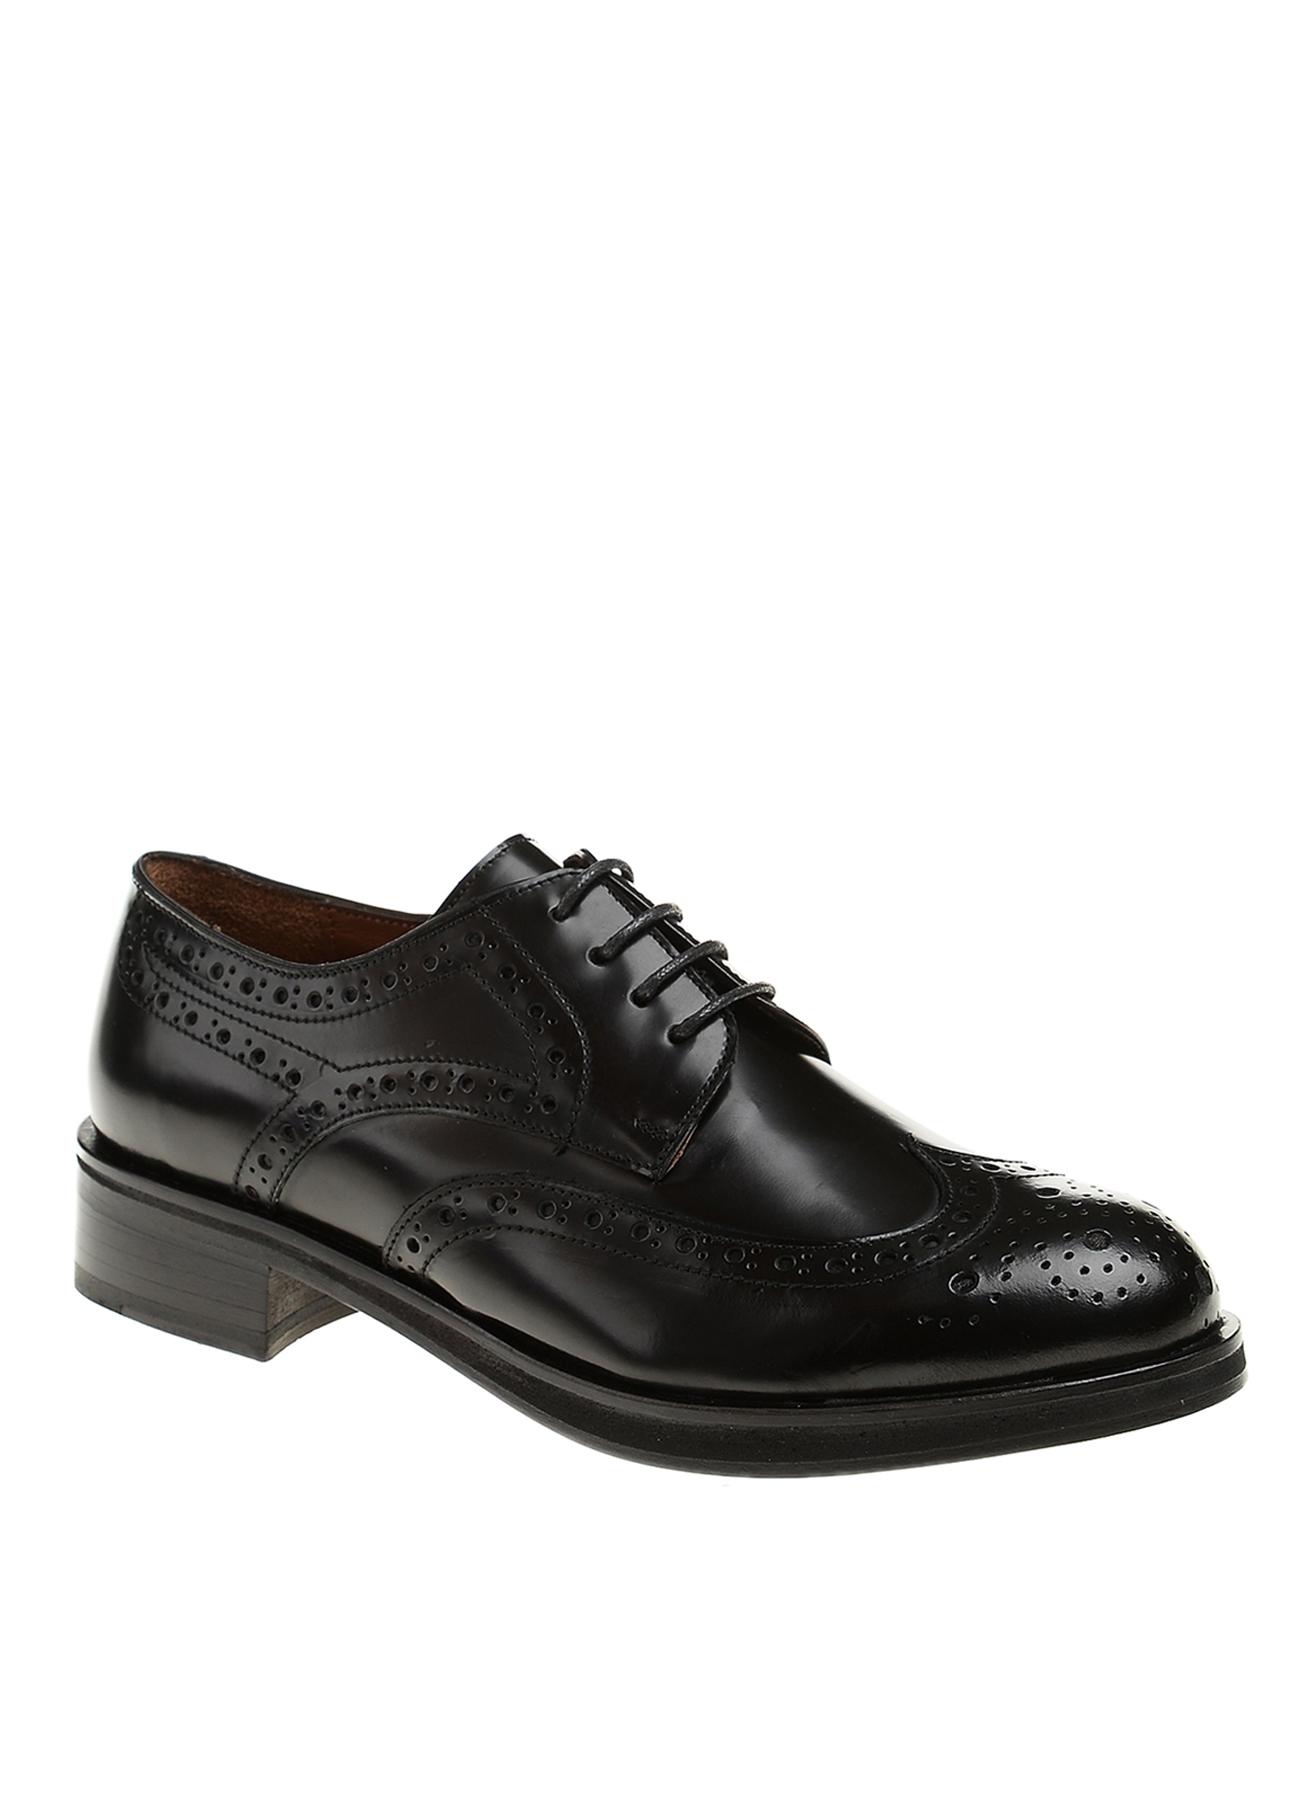 George Hogg Düz Ayakkabı 38 5001909210003 Ürün Resmi